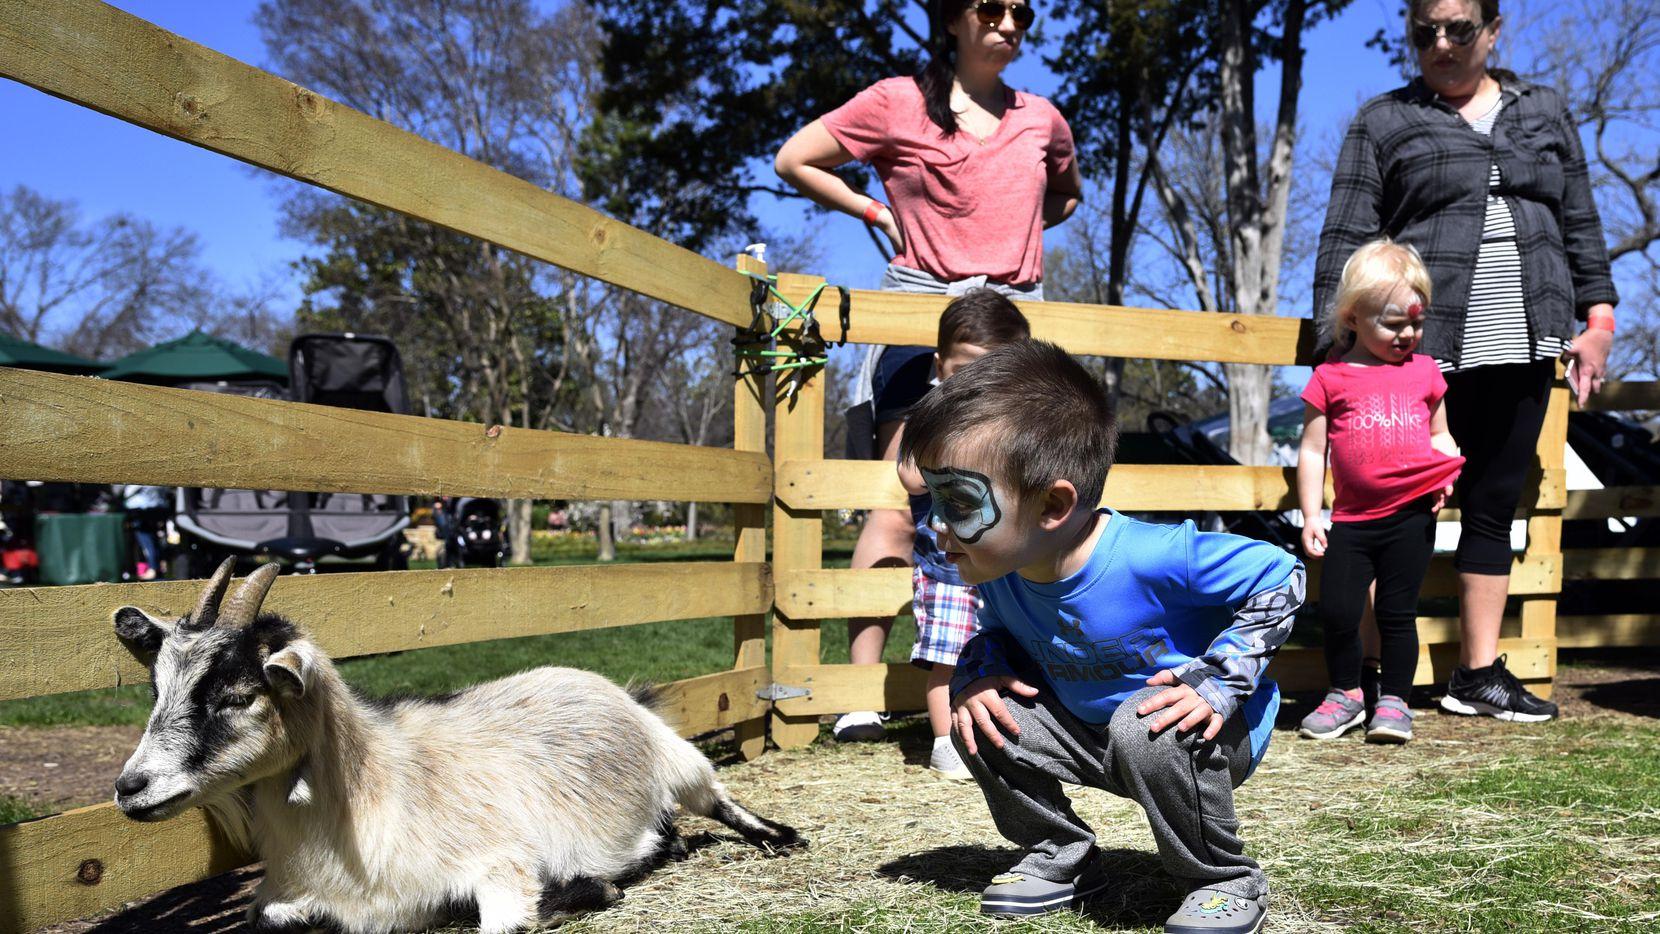 Erik Fryes, de 2 años, visita a una cabra bebé en un petting zoo en el Dallas Arboretum, el lunes 5 de marzo. (ESPECIAL PARA AL DÍA/BEN TORRES)